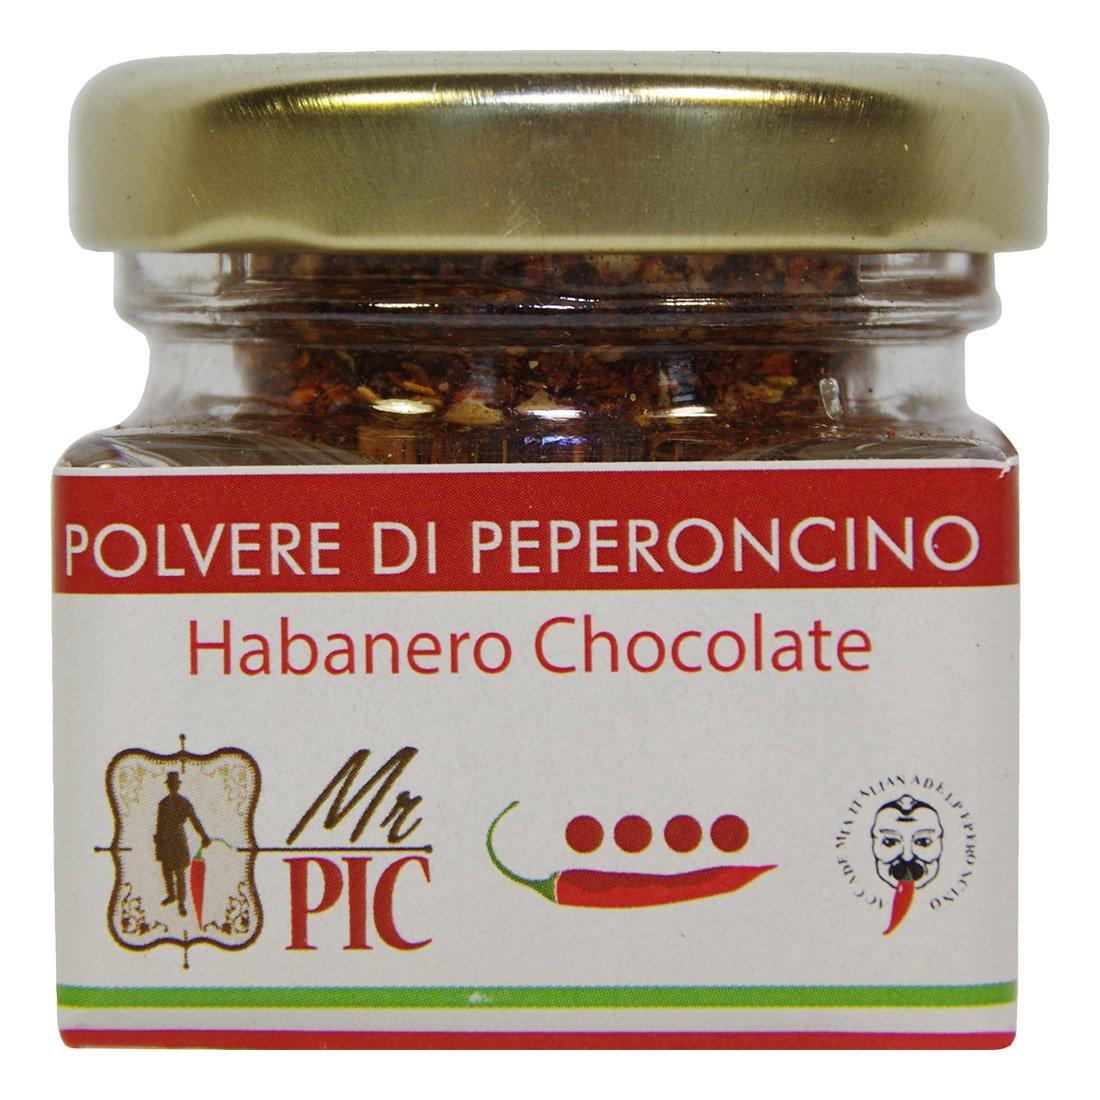 Polvere di Habanero Chocolate